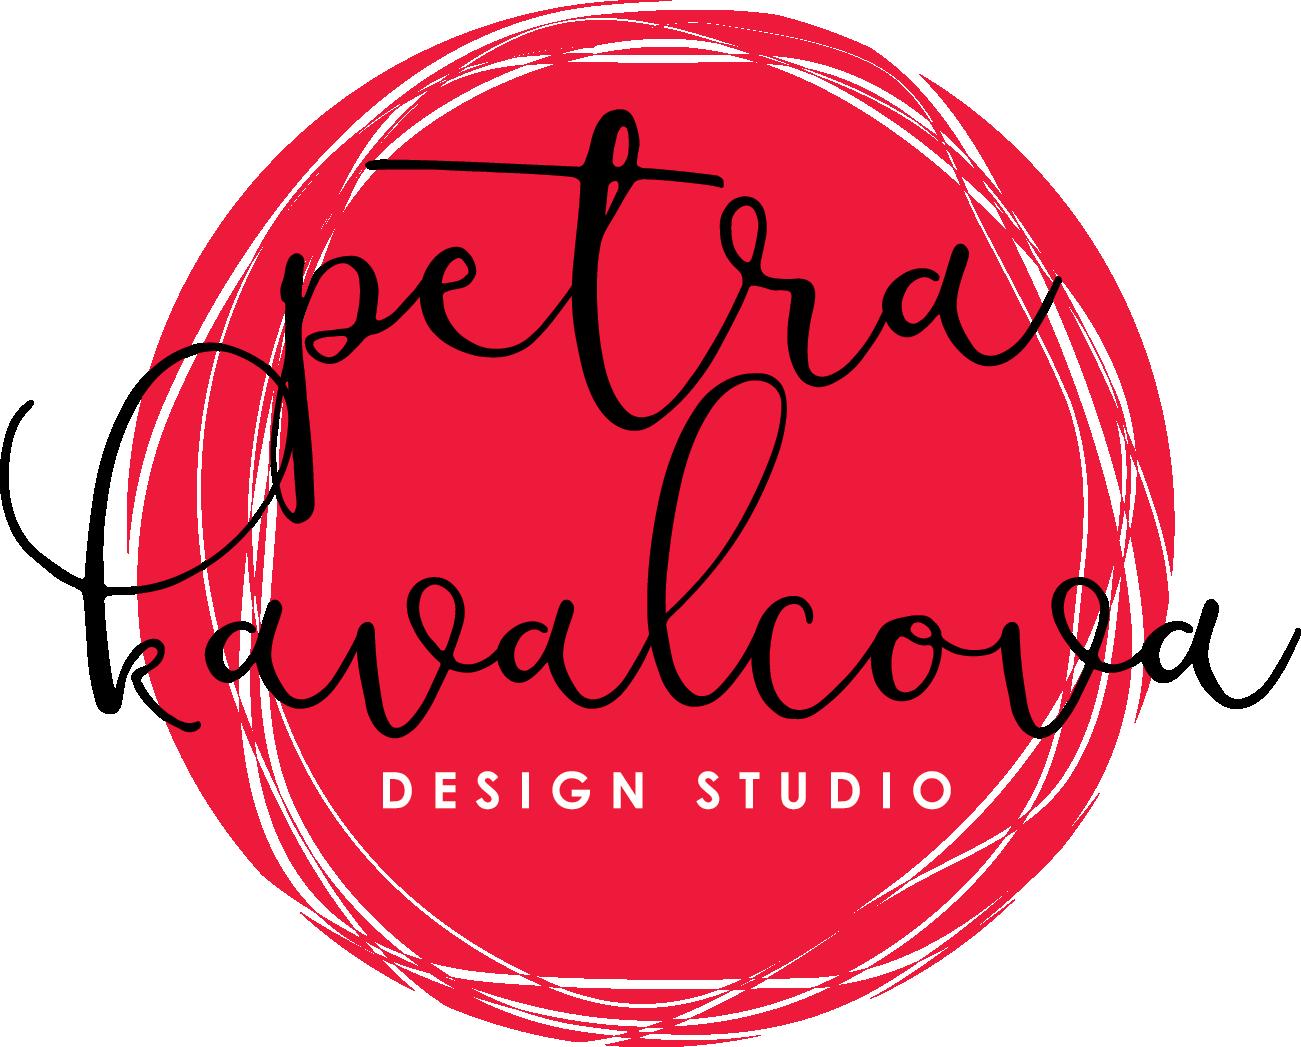 Petra Kavalcová Design Studio